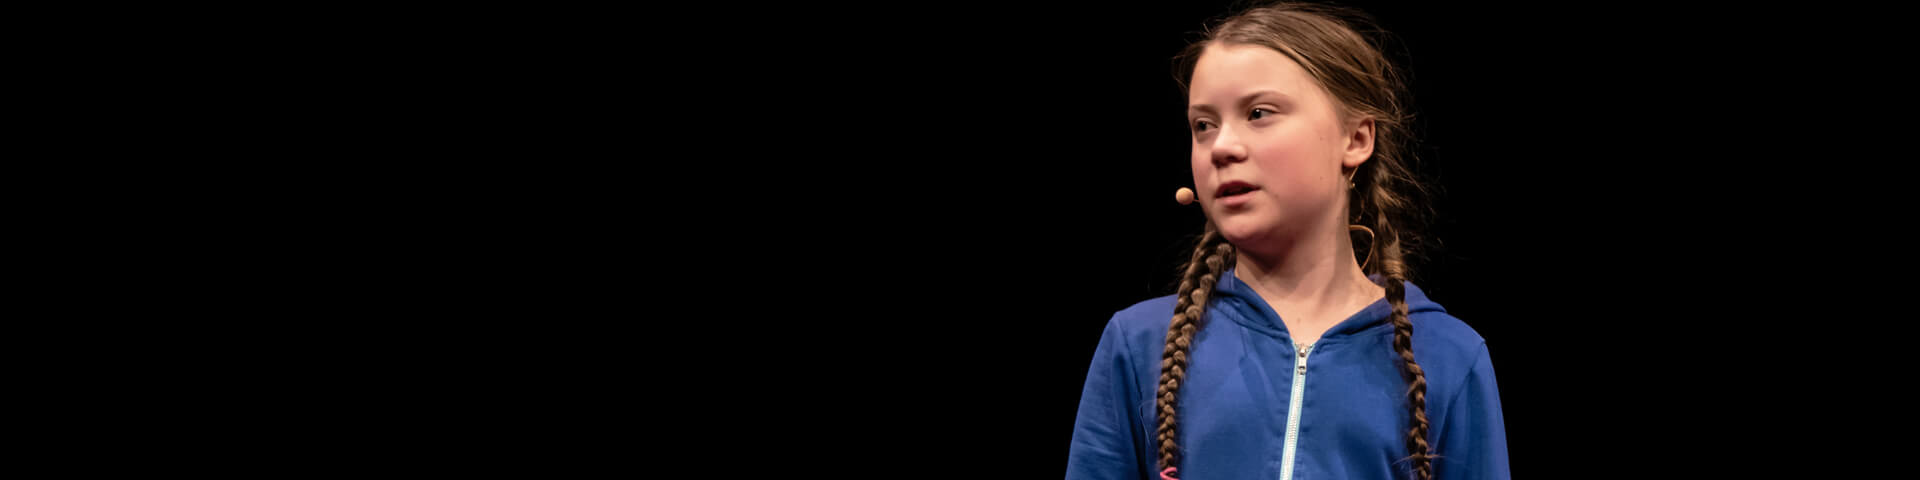 БК «Балтбет» прогнозирует, что Грета Тунберг получит Нобелевскую премию мира